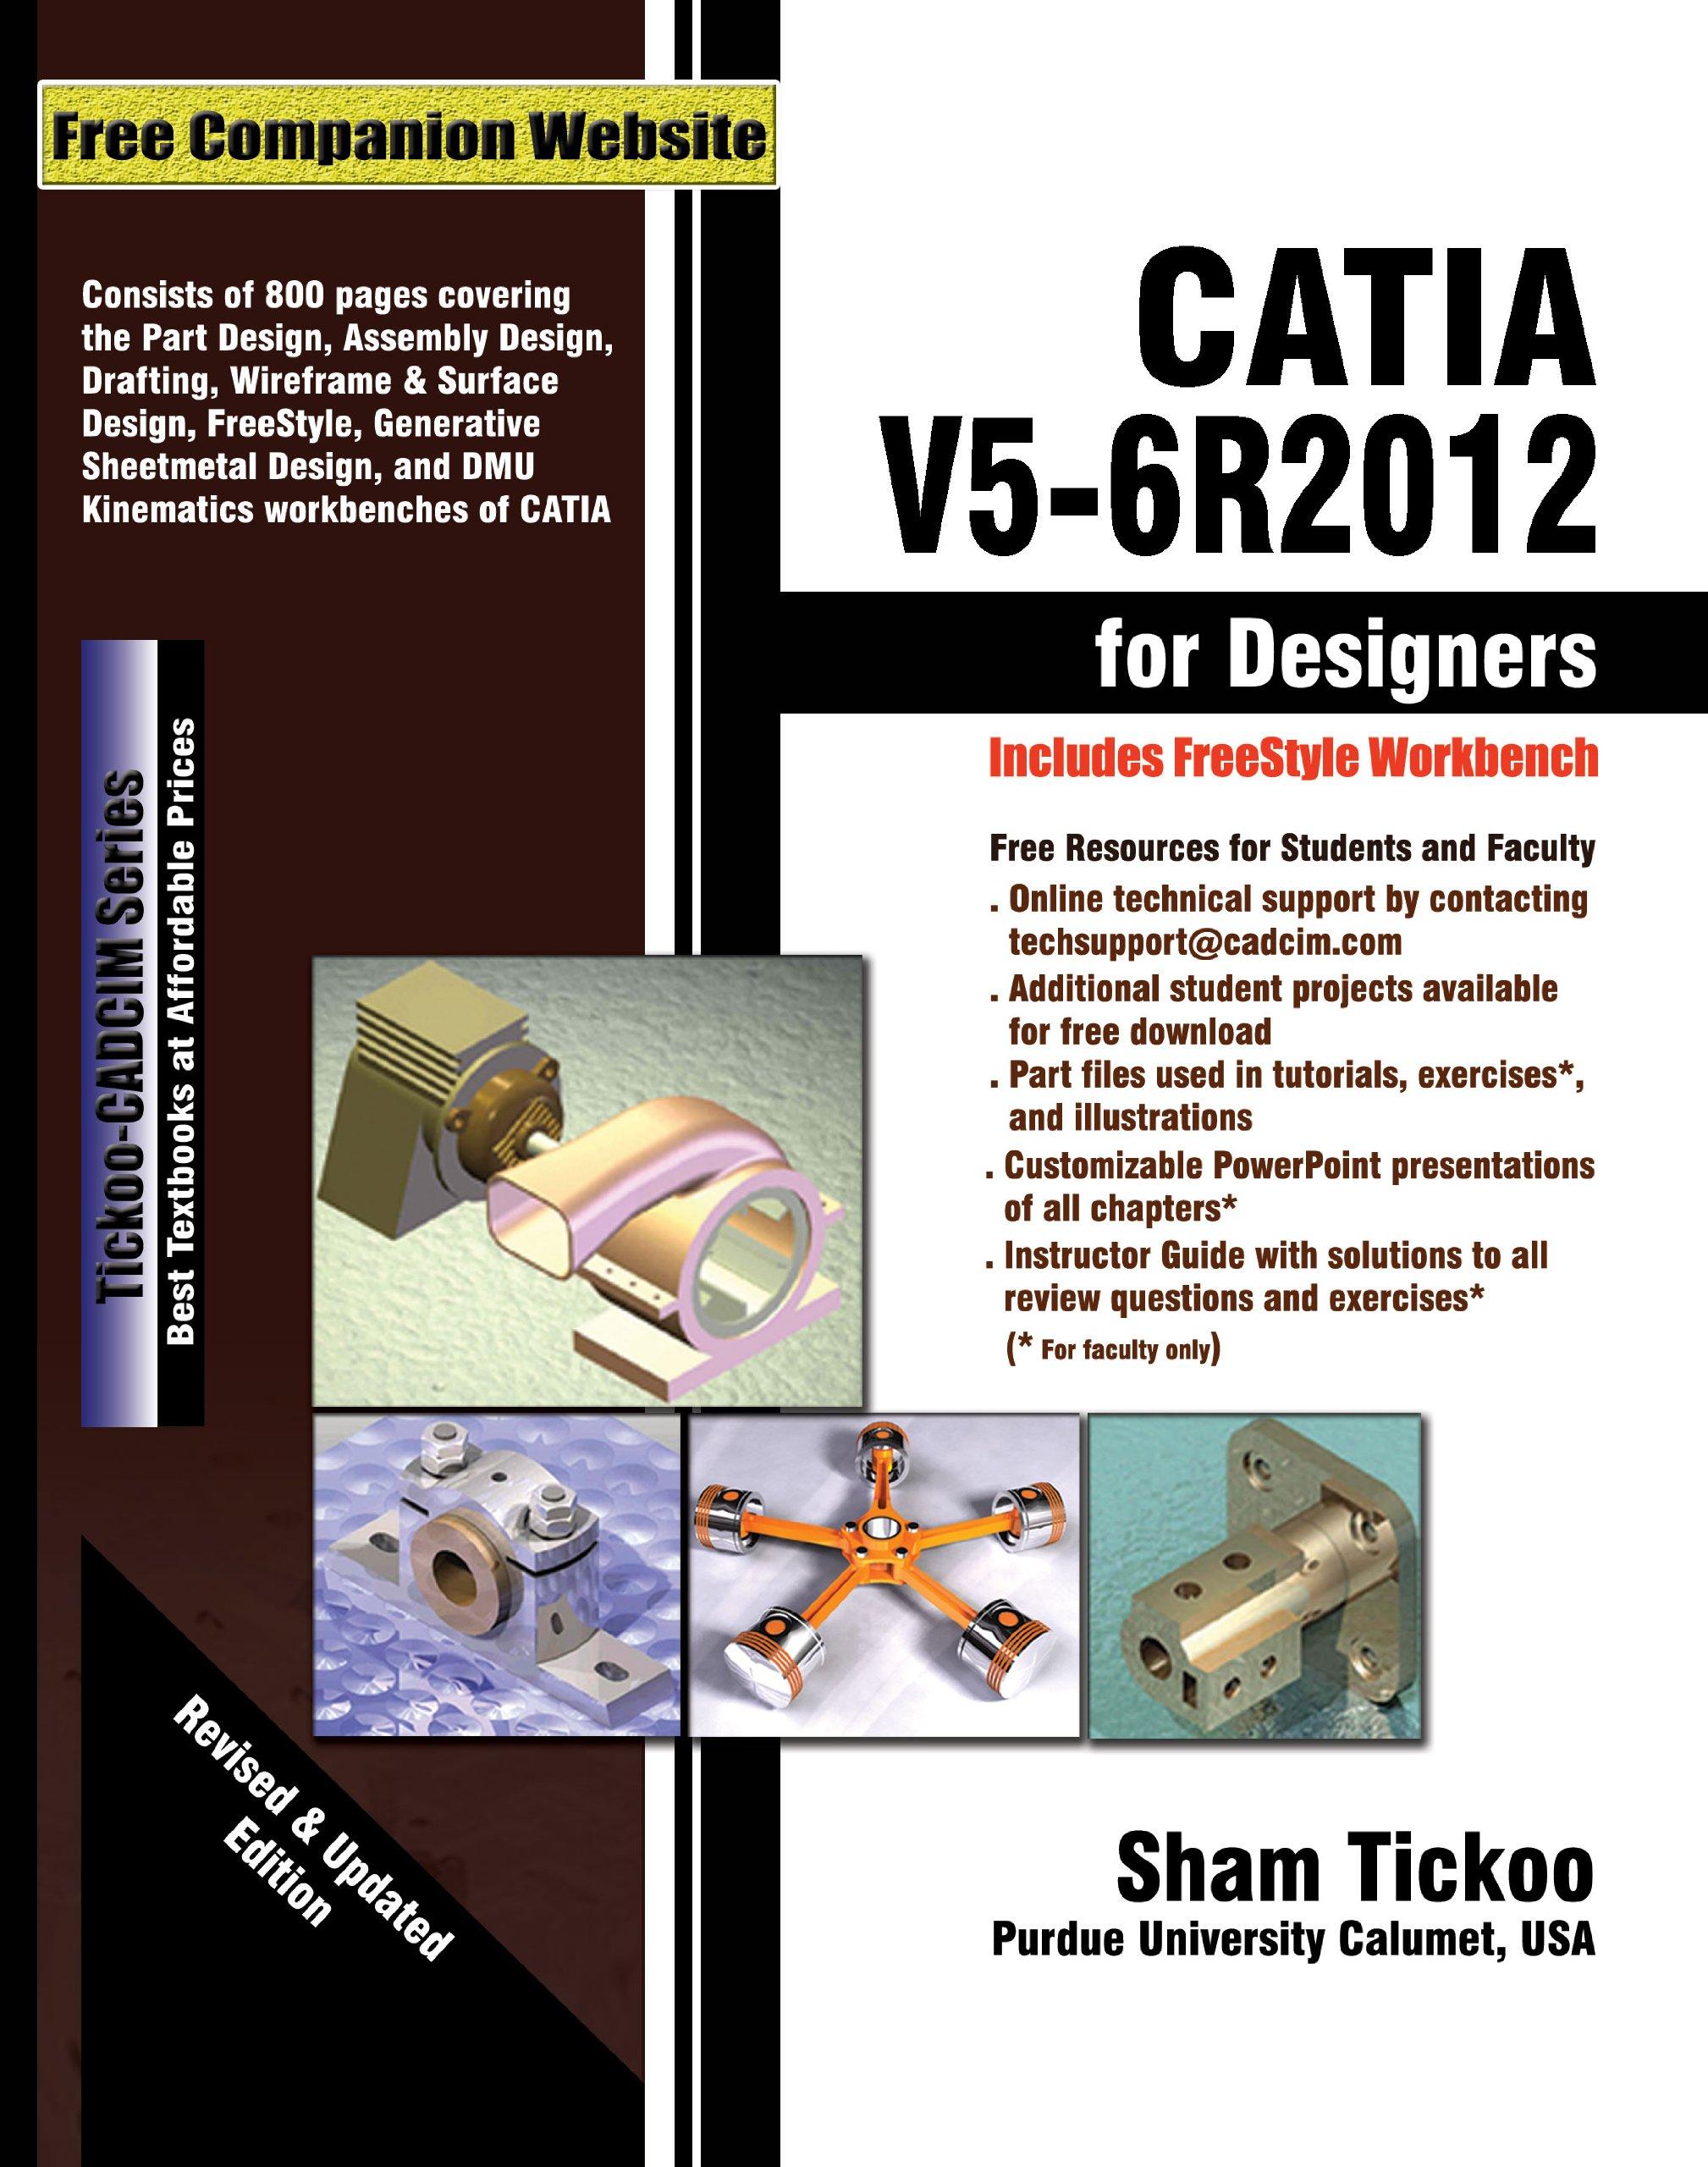 CATIA V5-6R2012 for Designers: Prof. Sham Tickoo Purdue Univ., CADCIM  Technologies: 9781936646364: Amazon.com: Books